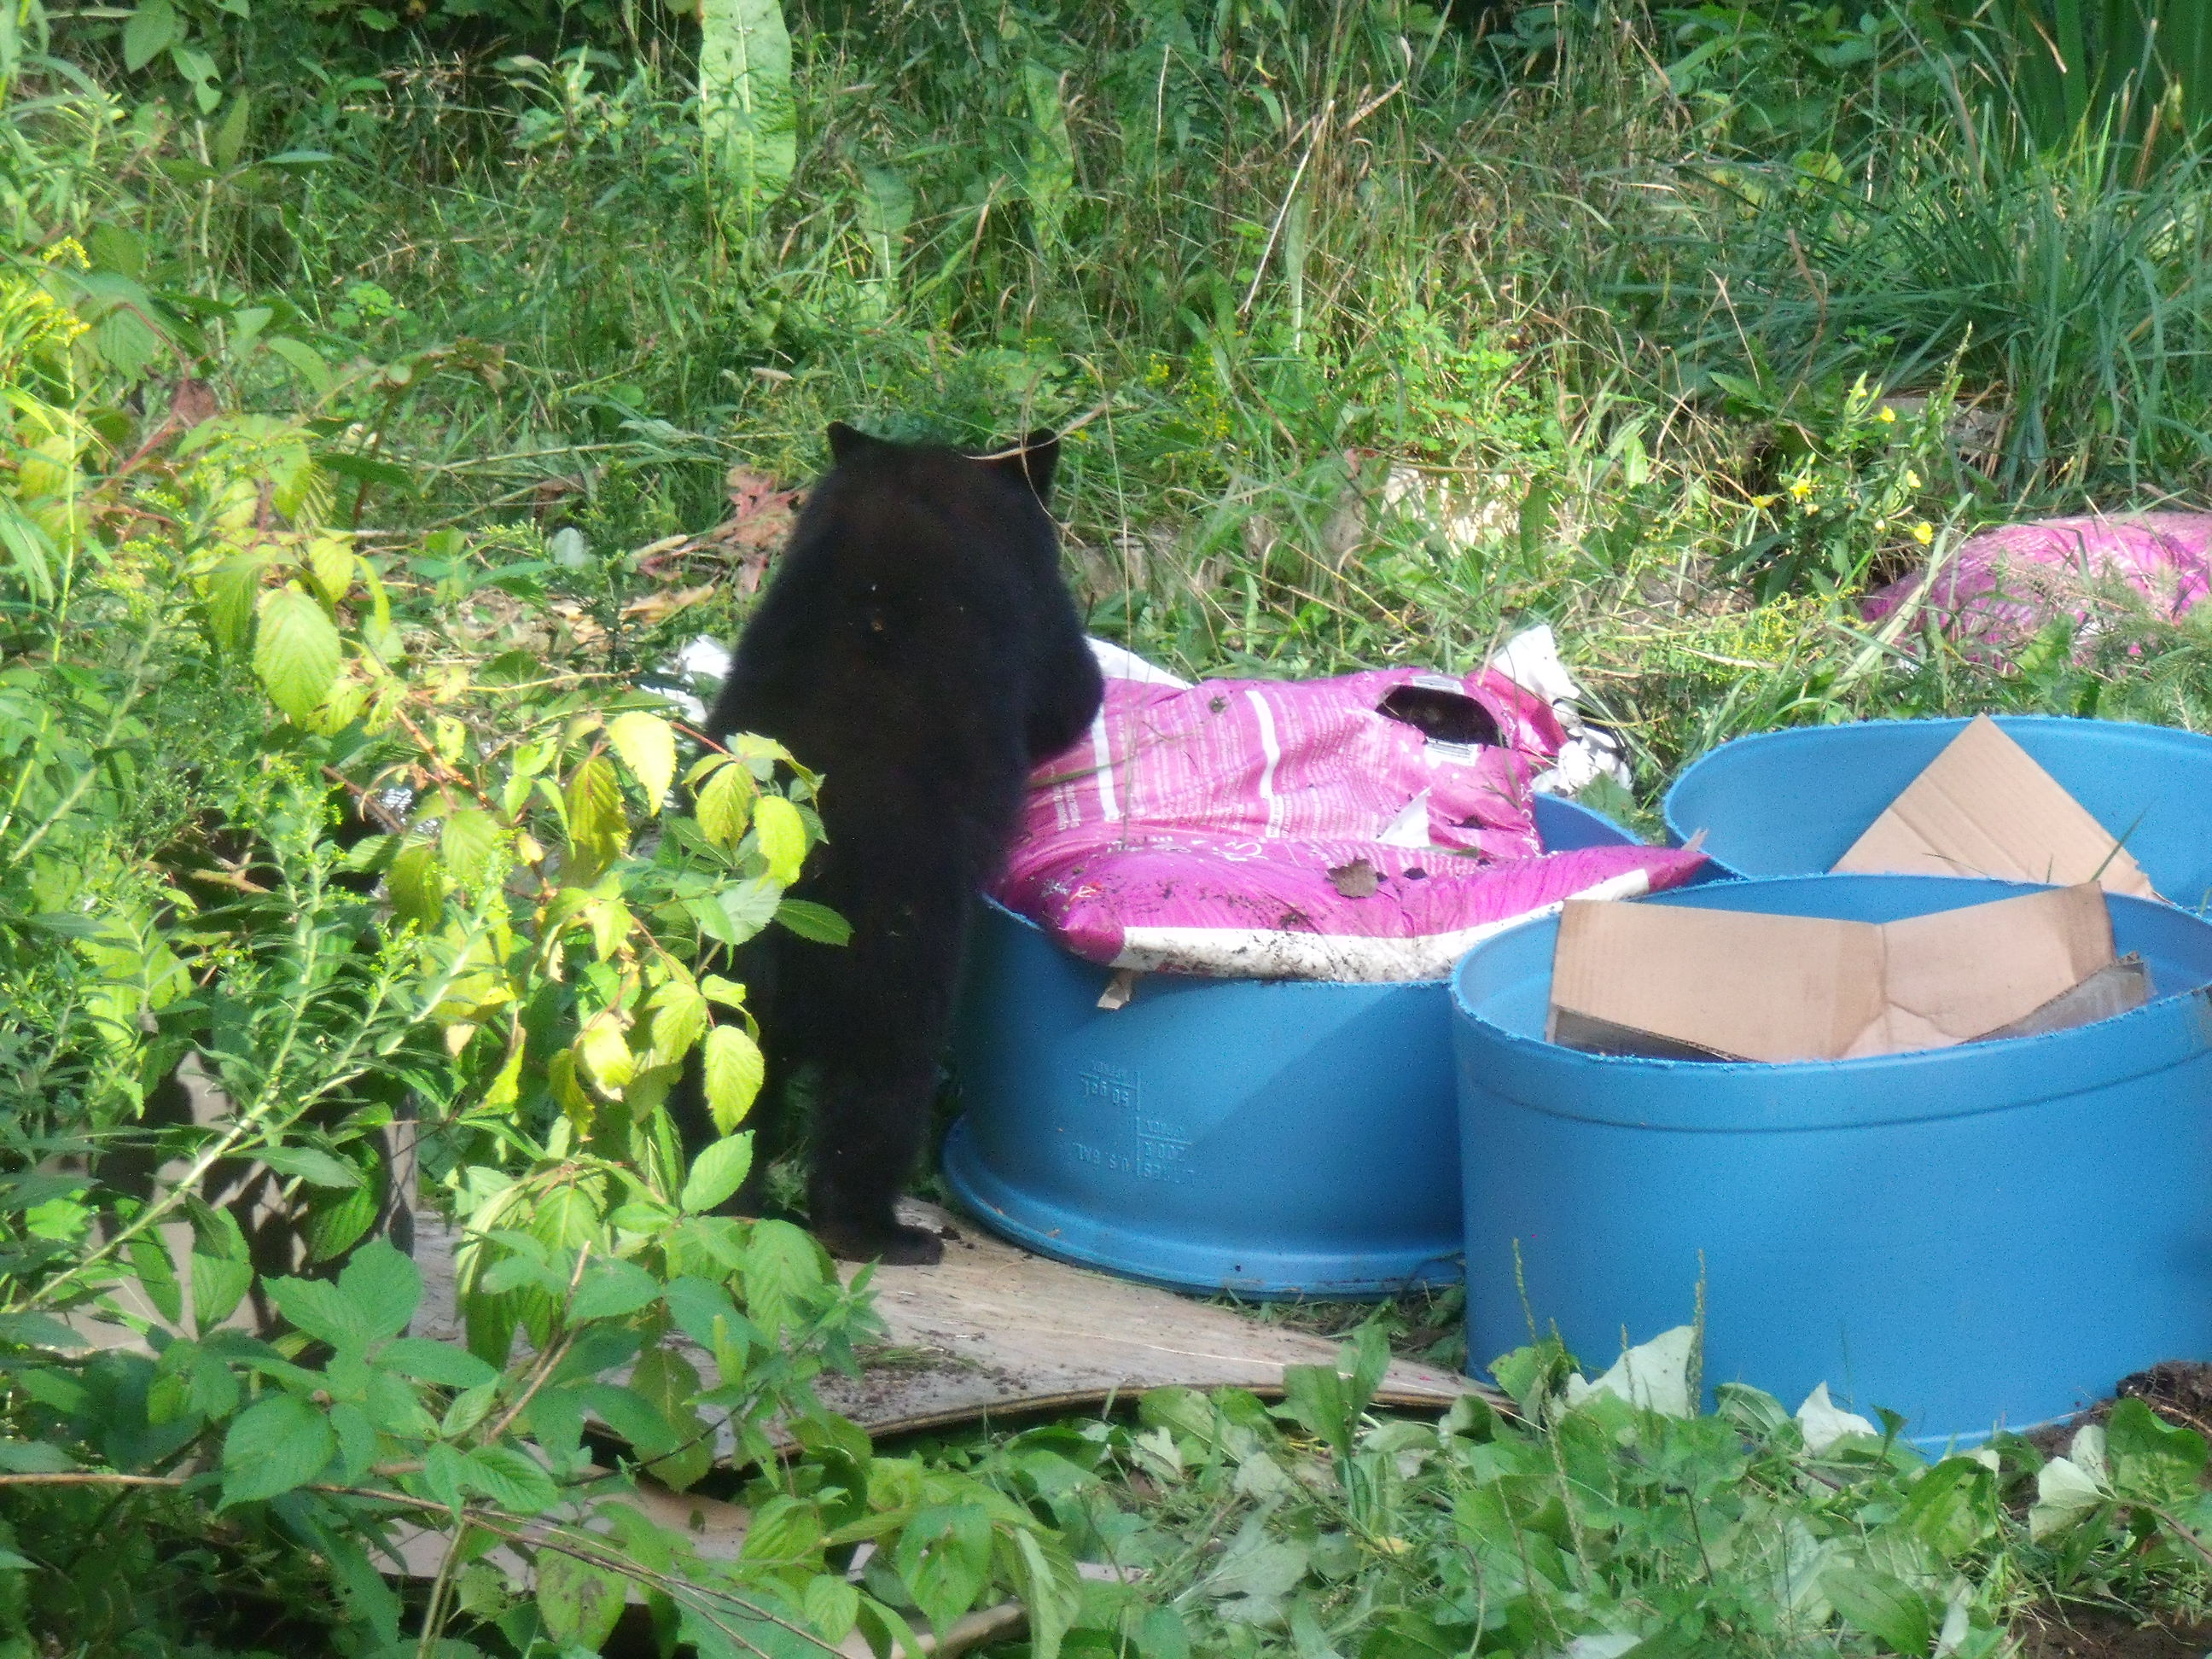 Little bear garden helper